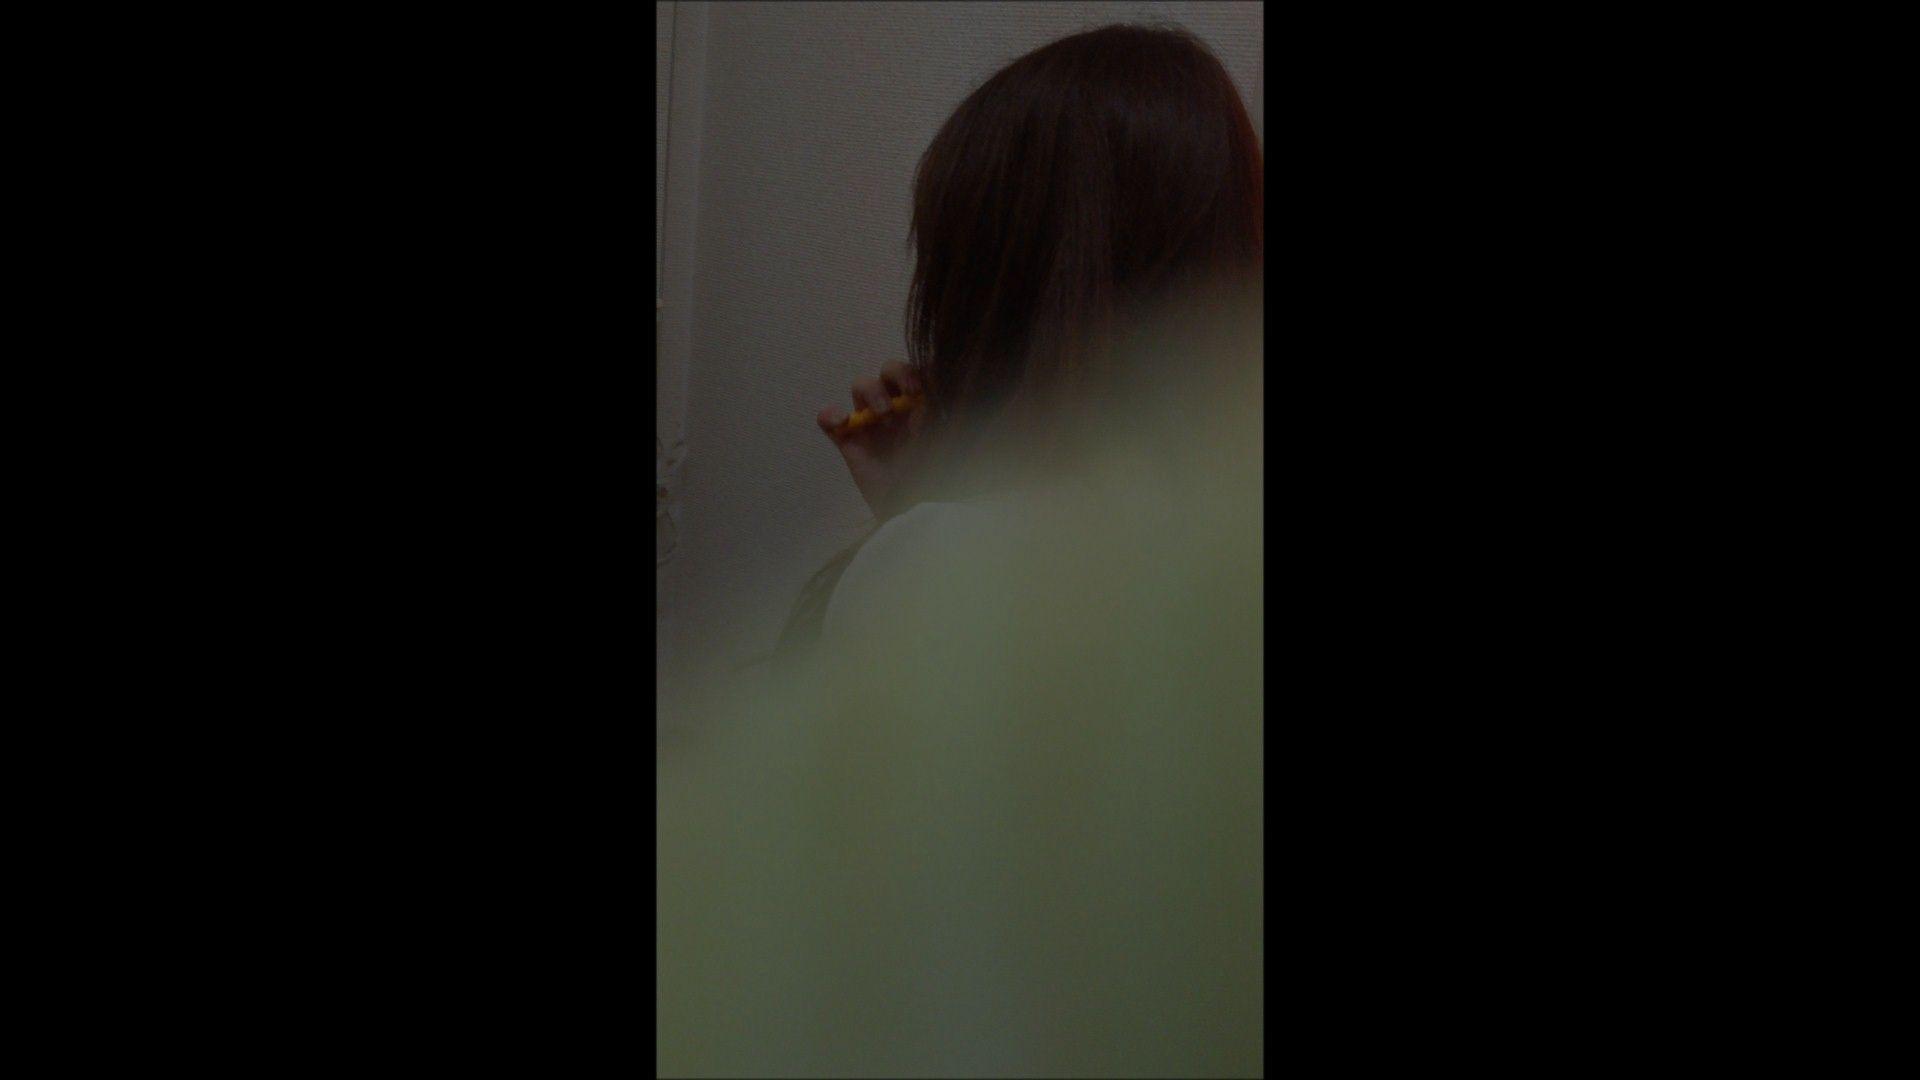 盗撮おまんこ|08(8日目)メイク中の彼女の顔を撮りました!|大奥